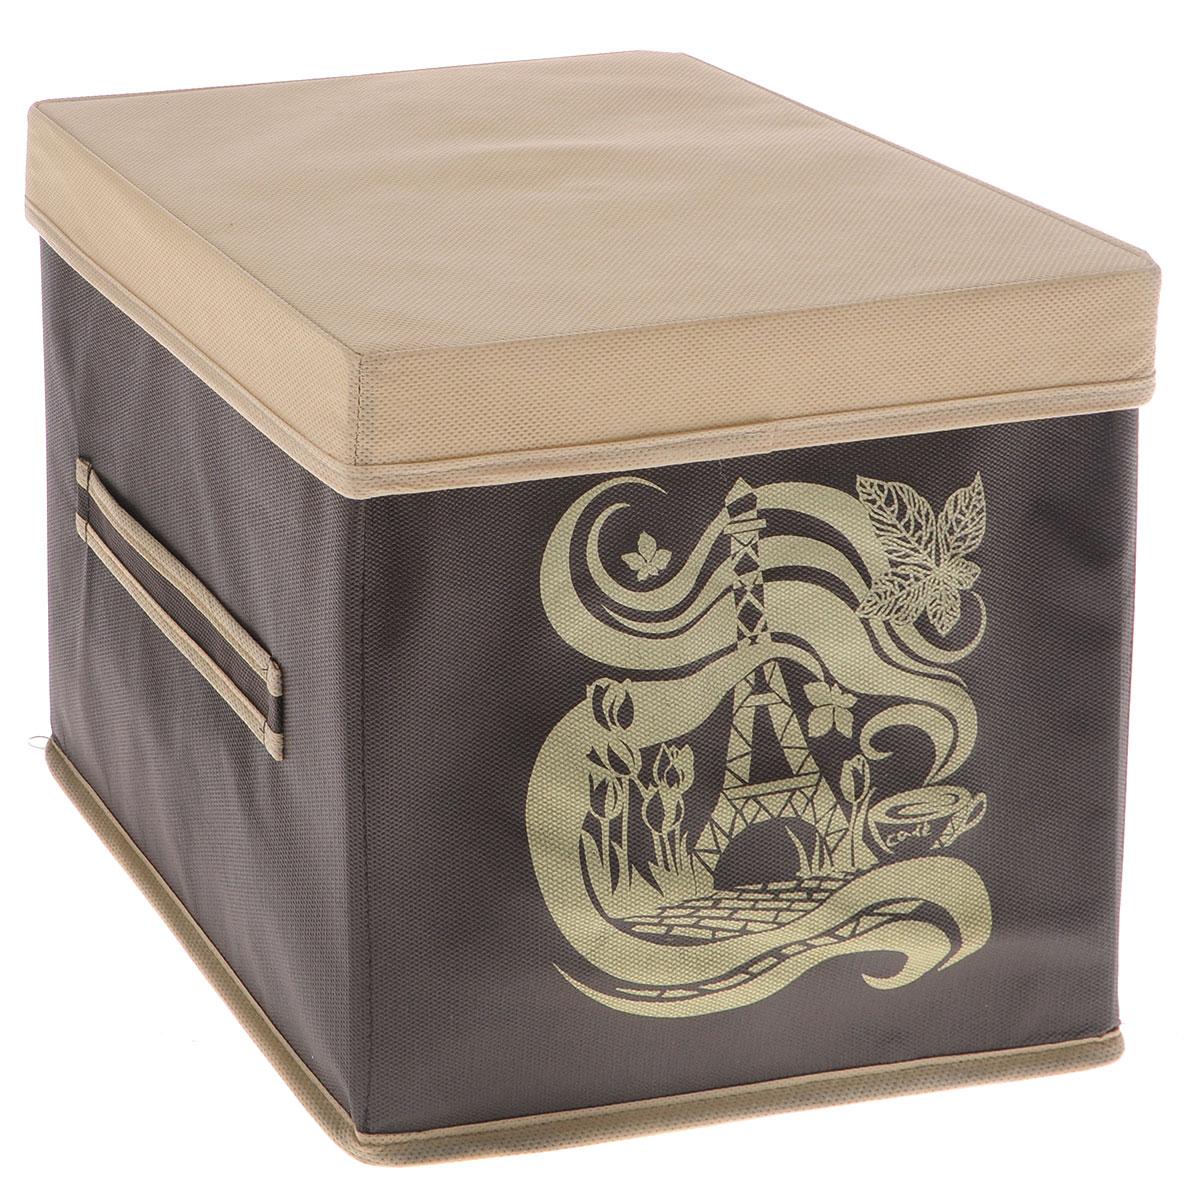 Коробка для вещей Все на местах Париж, с крышкой, цвет: темно-коричневый, бежевый, 25 х 25 х 25 см74-0120Коробка с крышкой Все на местах выполнена из высококачественного нетканого материала, который обеспечивает естественную вентиляцию и предназначен для хранения вещей или игрушек. Он защитит вещи от повреждений, пыли, влаги и загрязнений во время хранения и транспортировки. Размер коробки: 25 х 25 х 25 см.